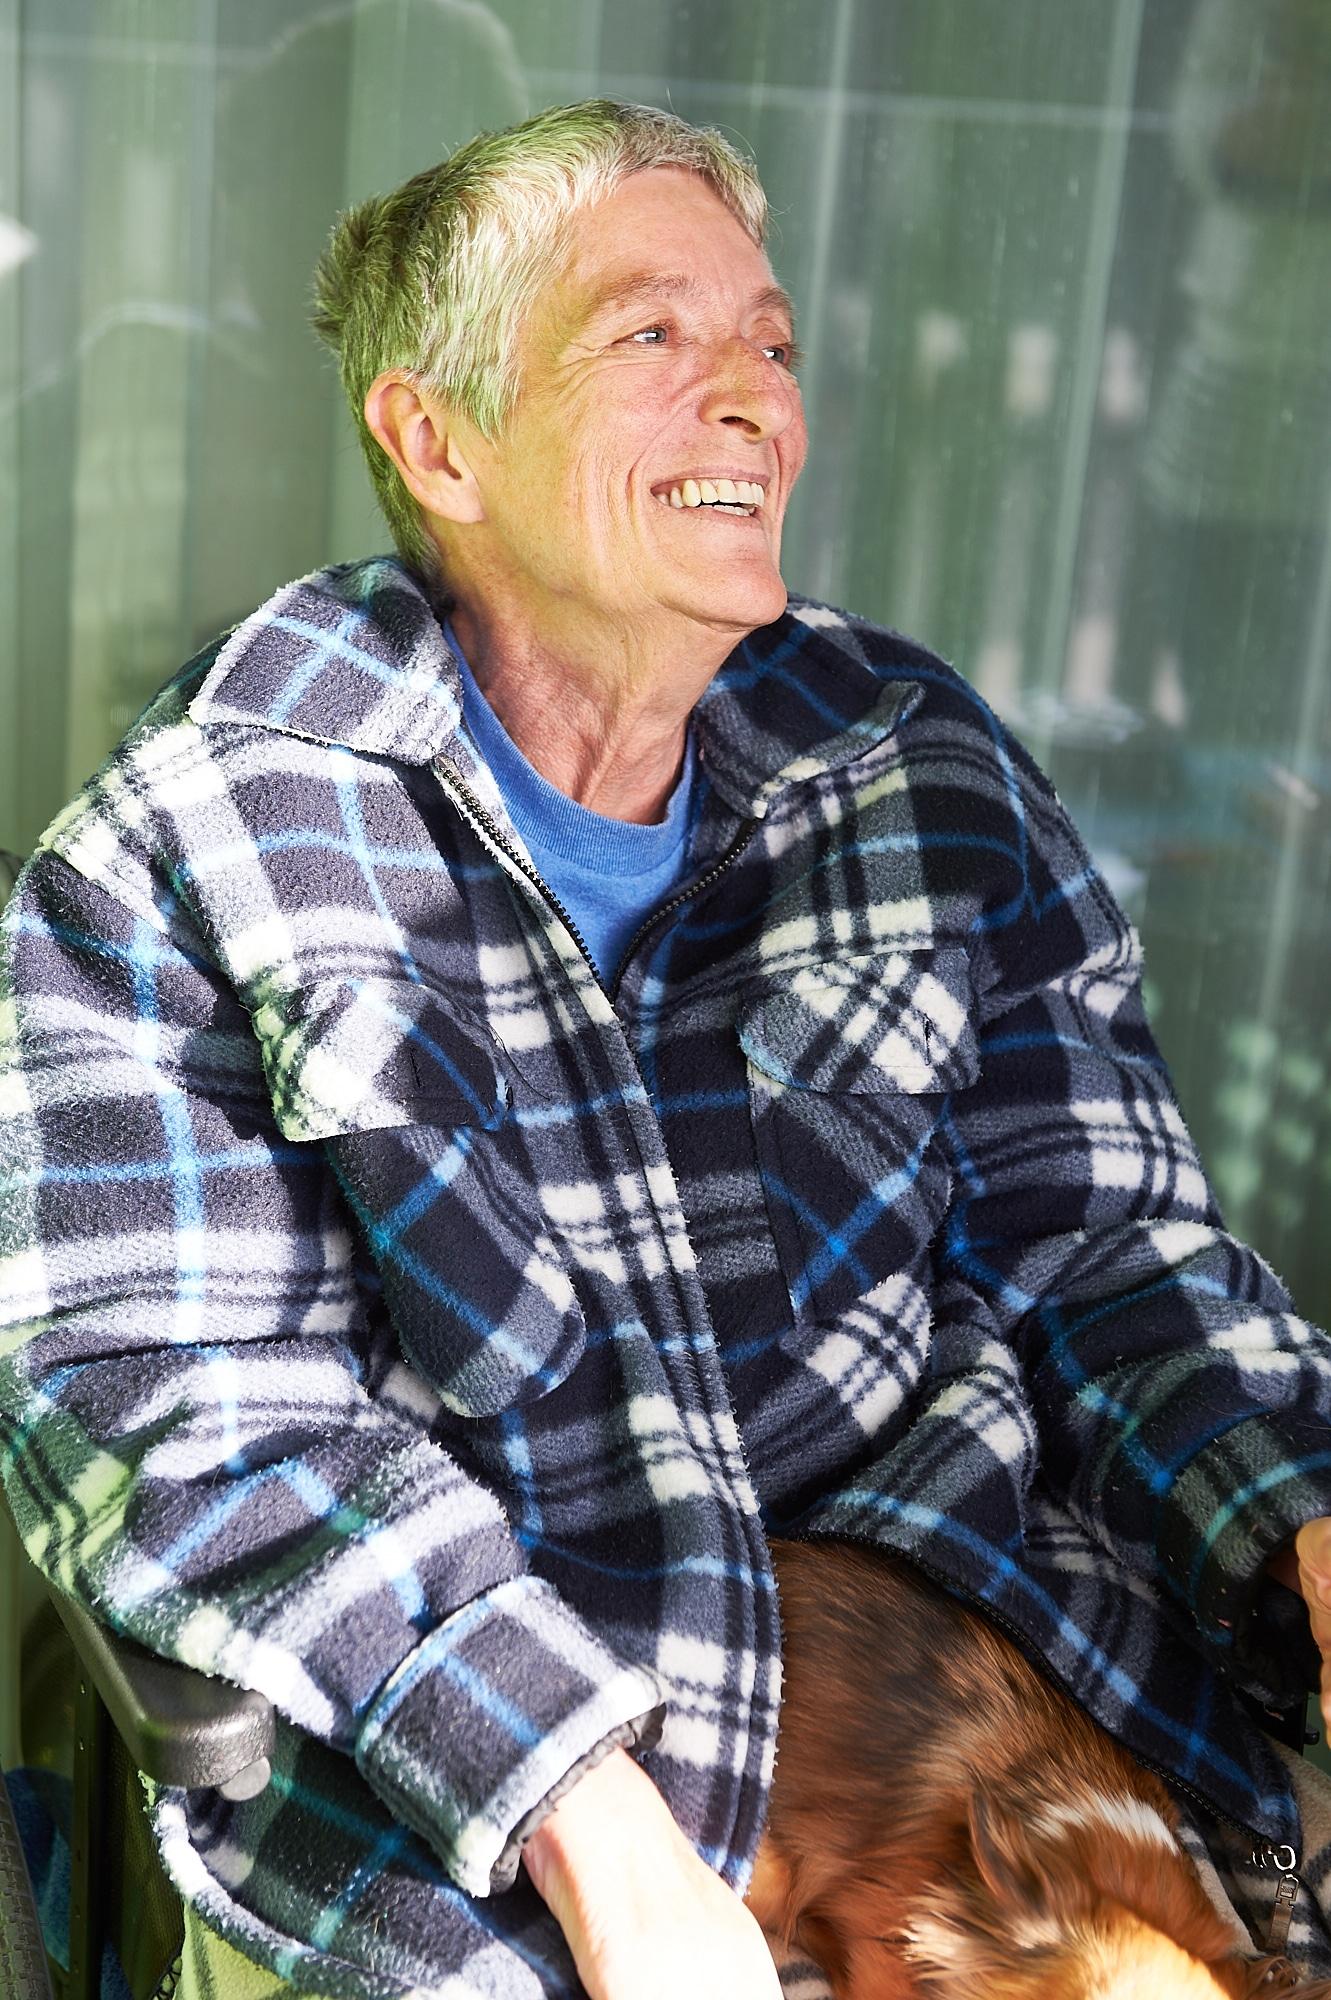 Brigitte Wernli, Association ALS Switzerland, Diagnosed 2014, Switzerland